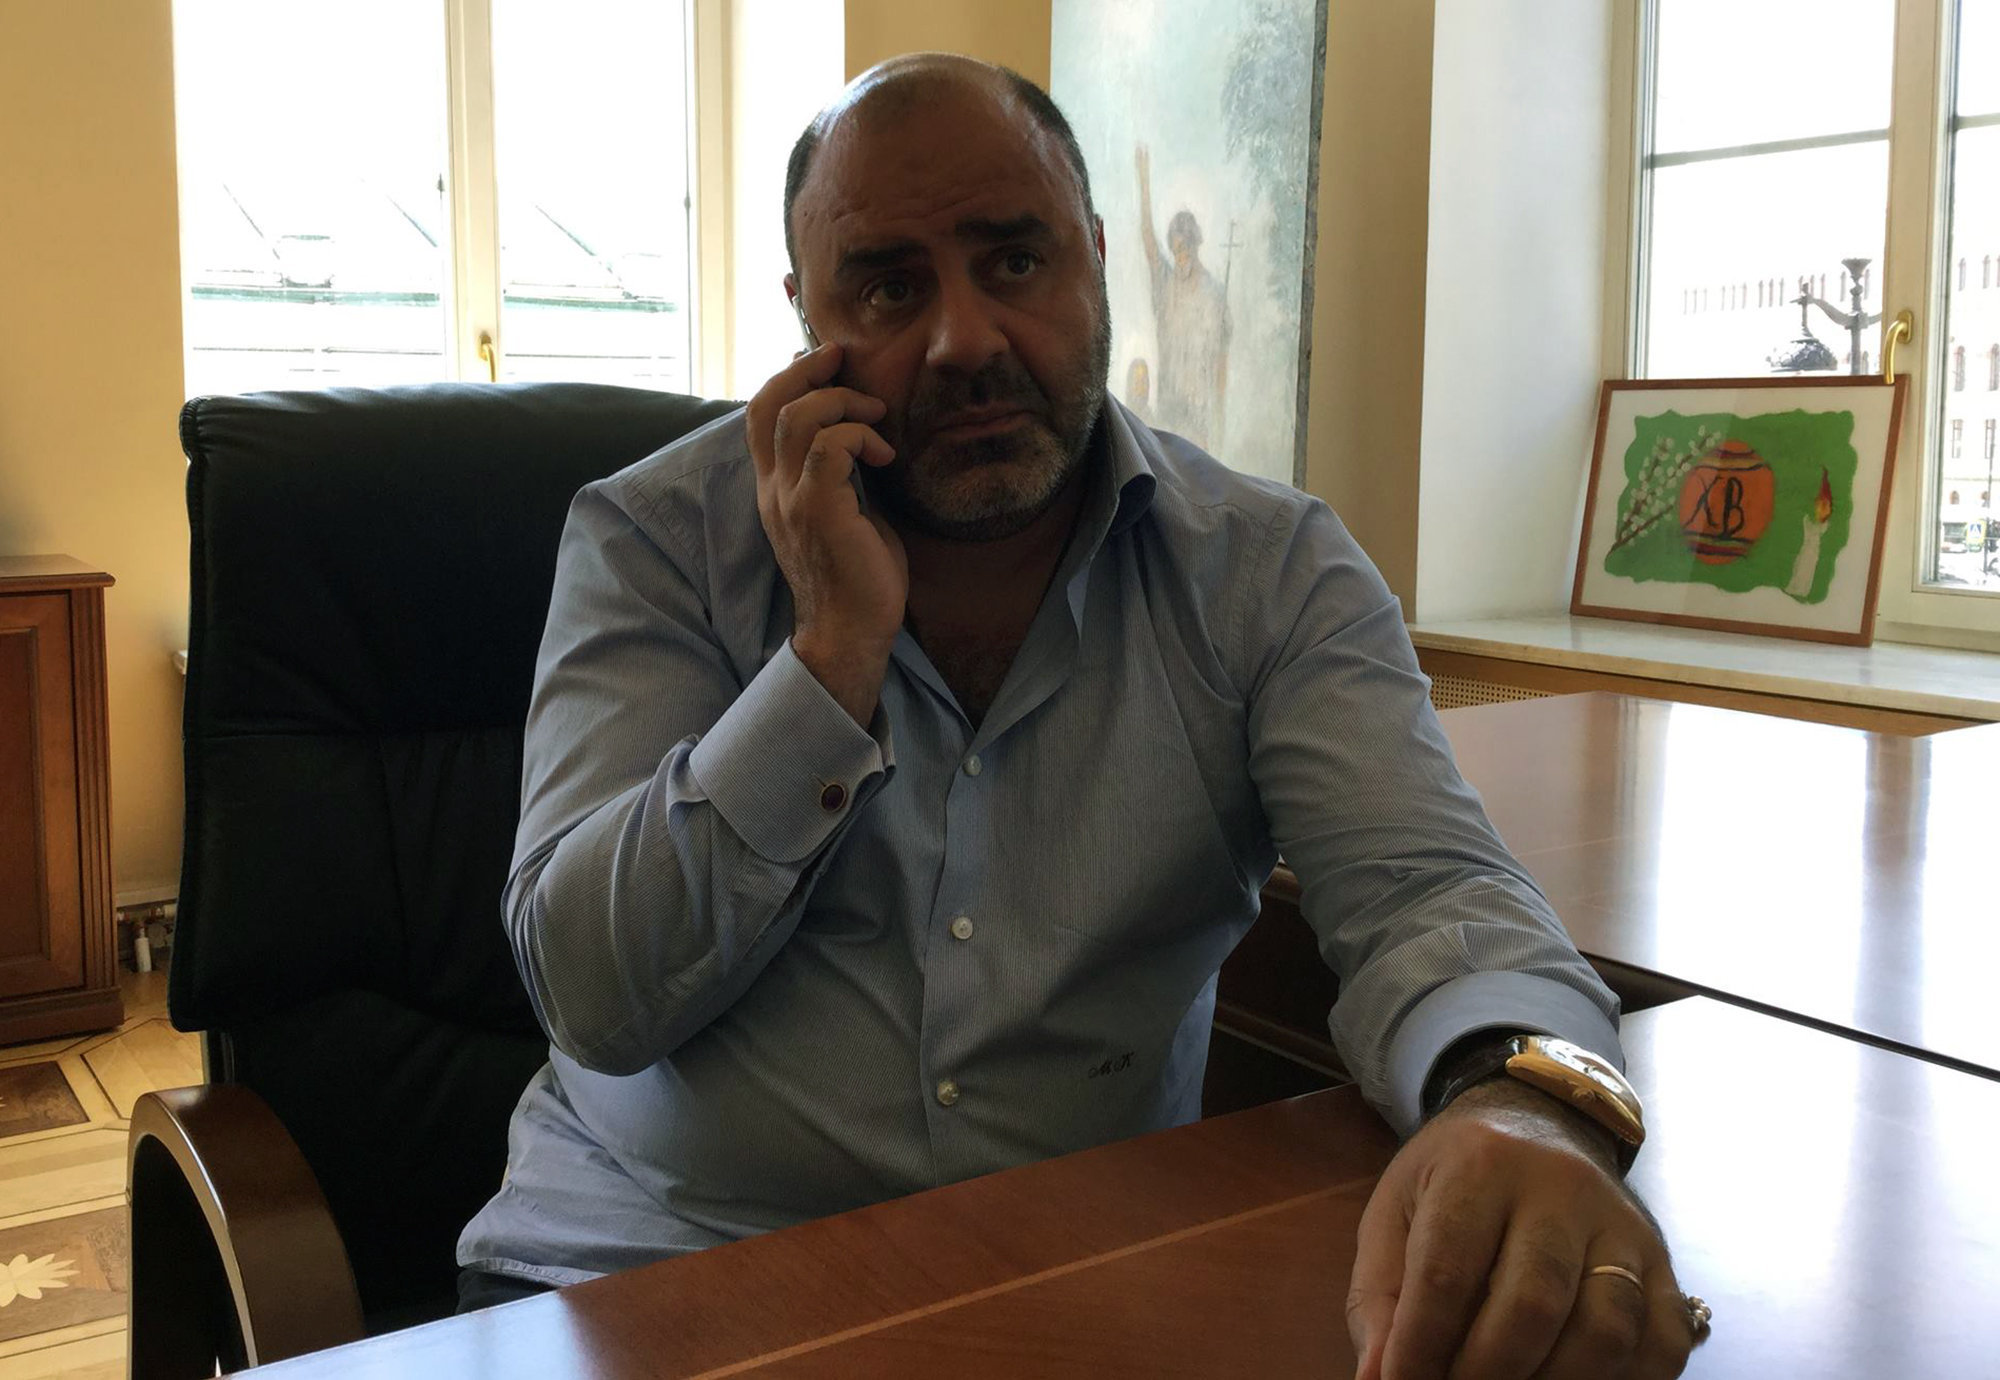 Руководитель армянской общины в Санкт-Петербурге Карен Мкртчян